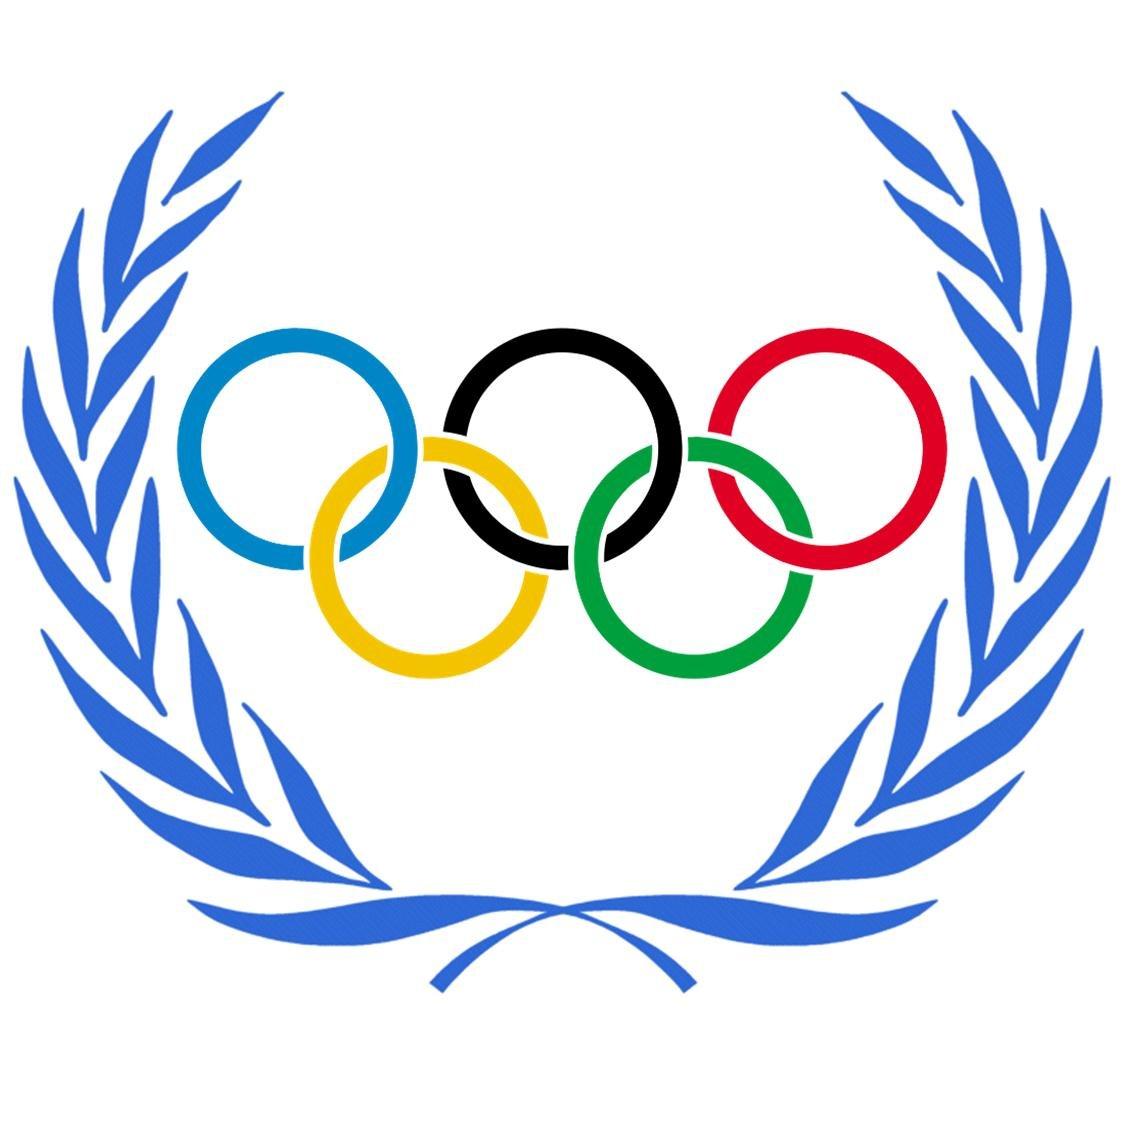 один олимпийская символика и атрибутика картинки борьбы заболеванием